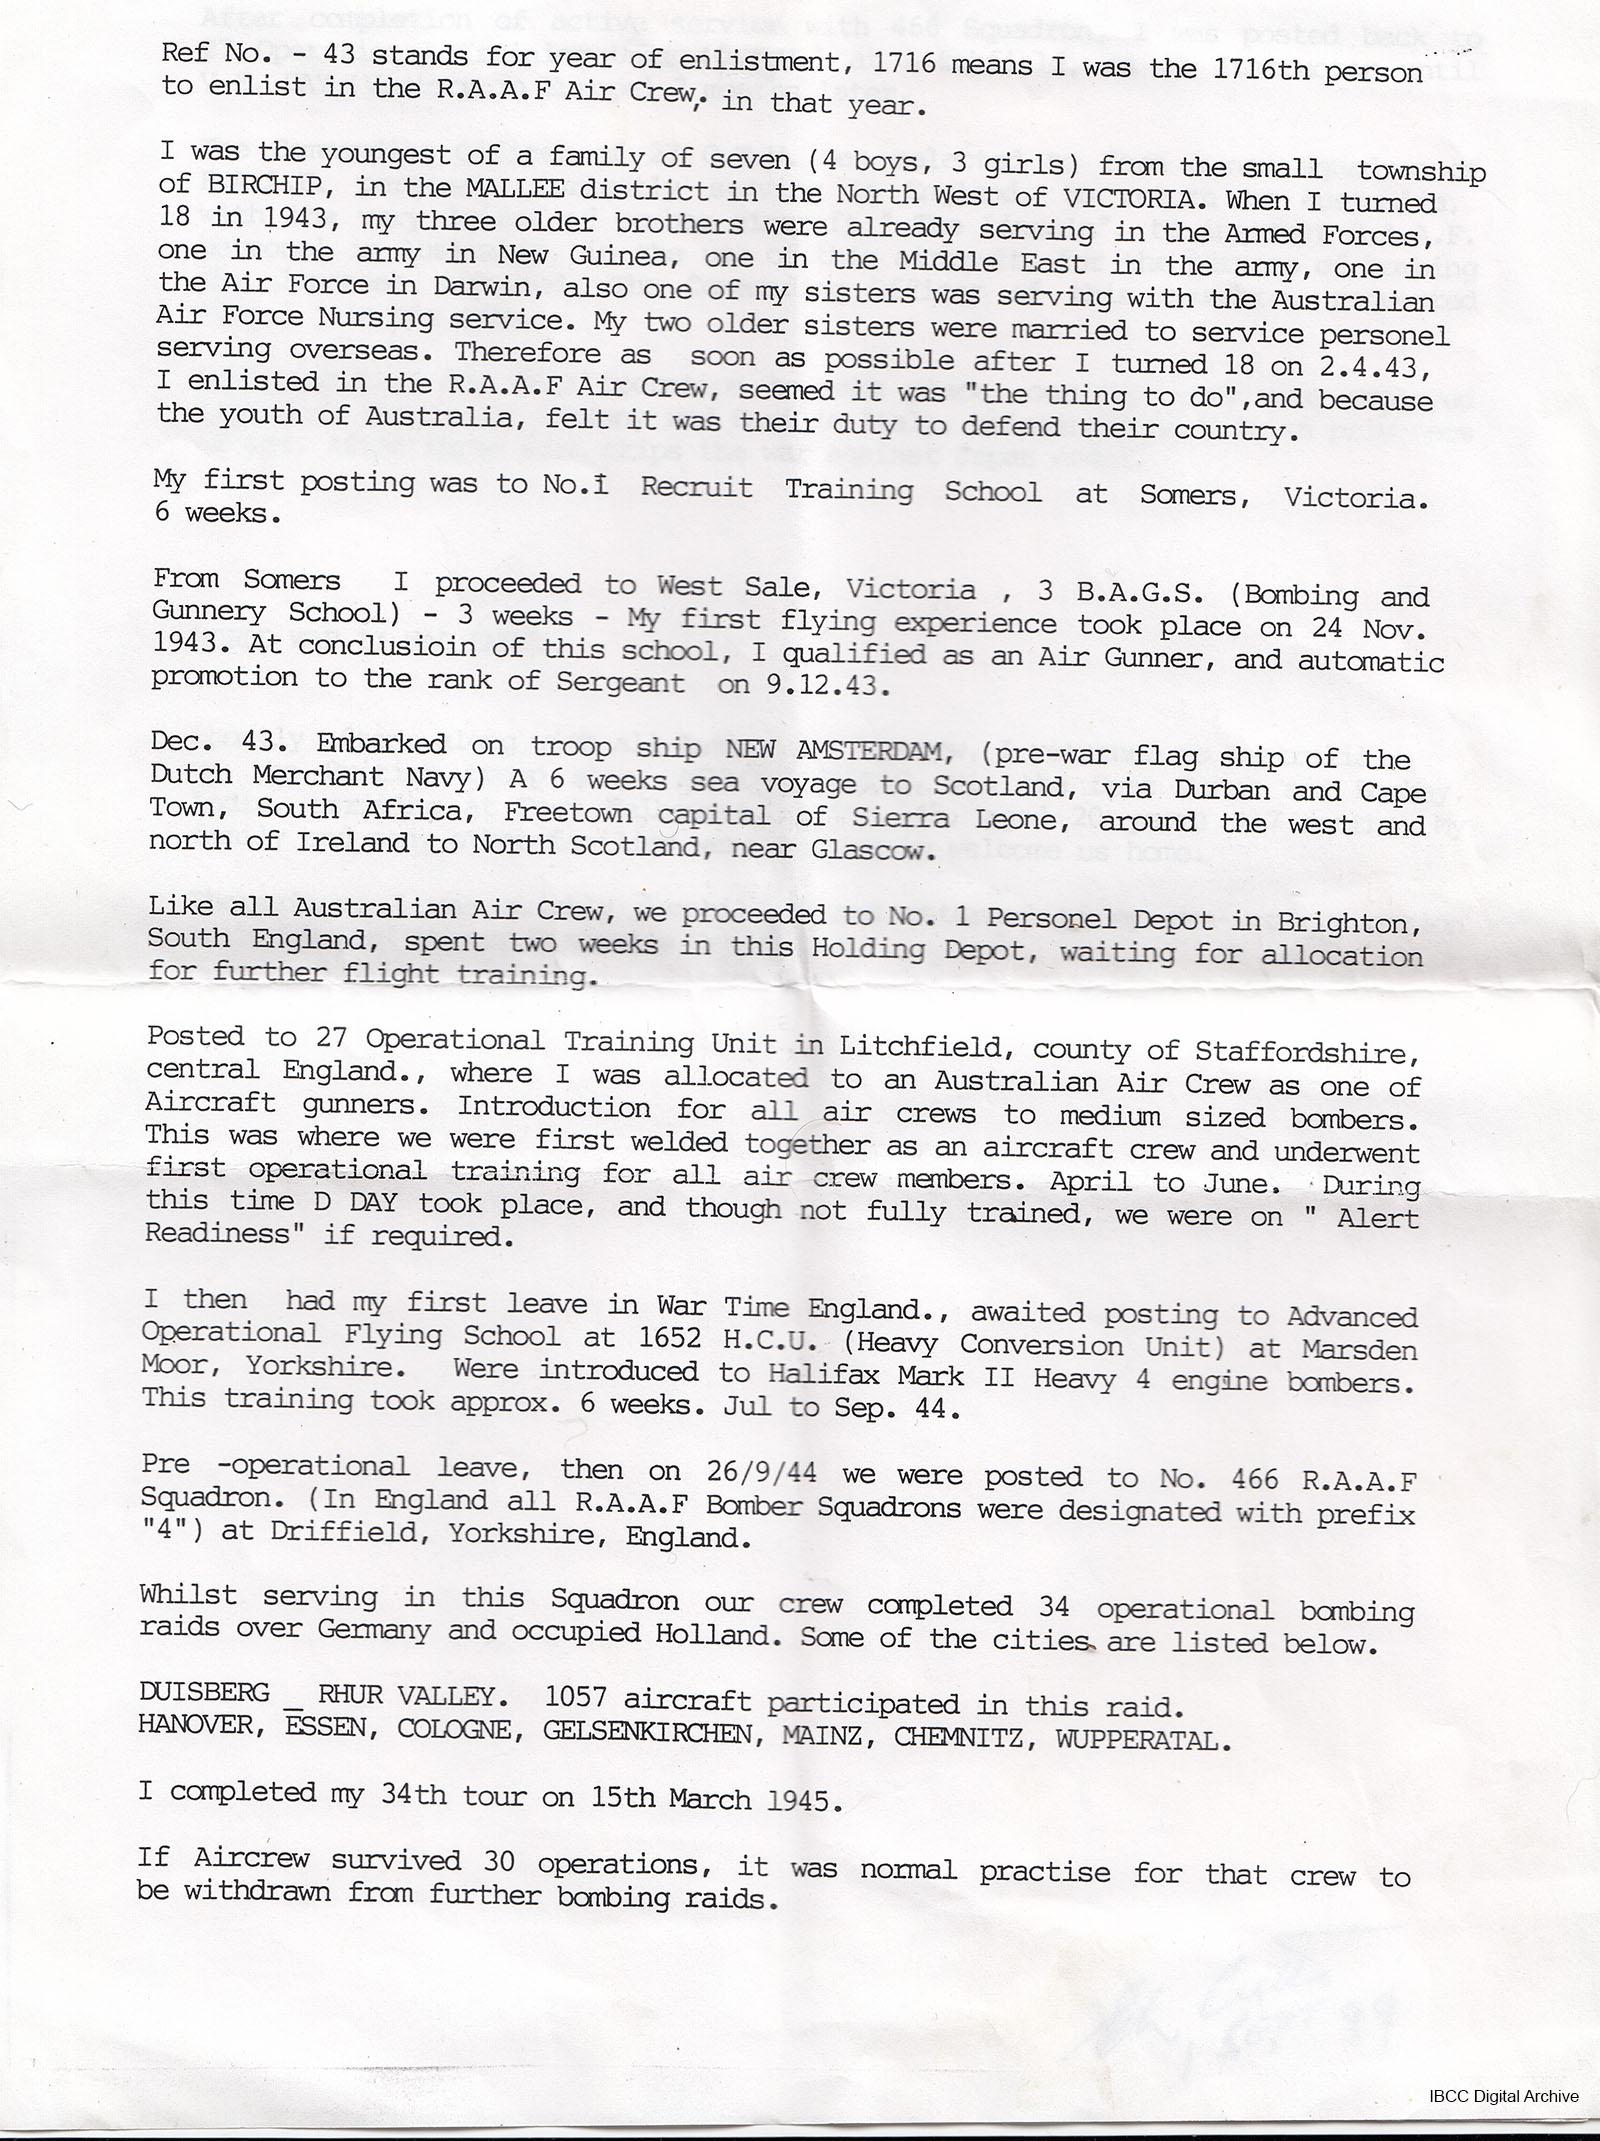 6f06f29dc [CDATA[IBCC Digital Archive]]